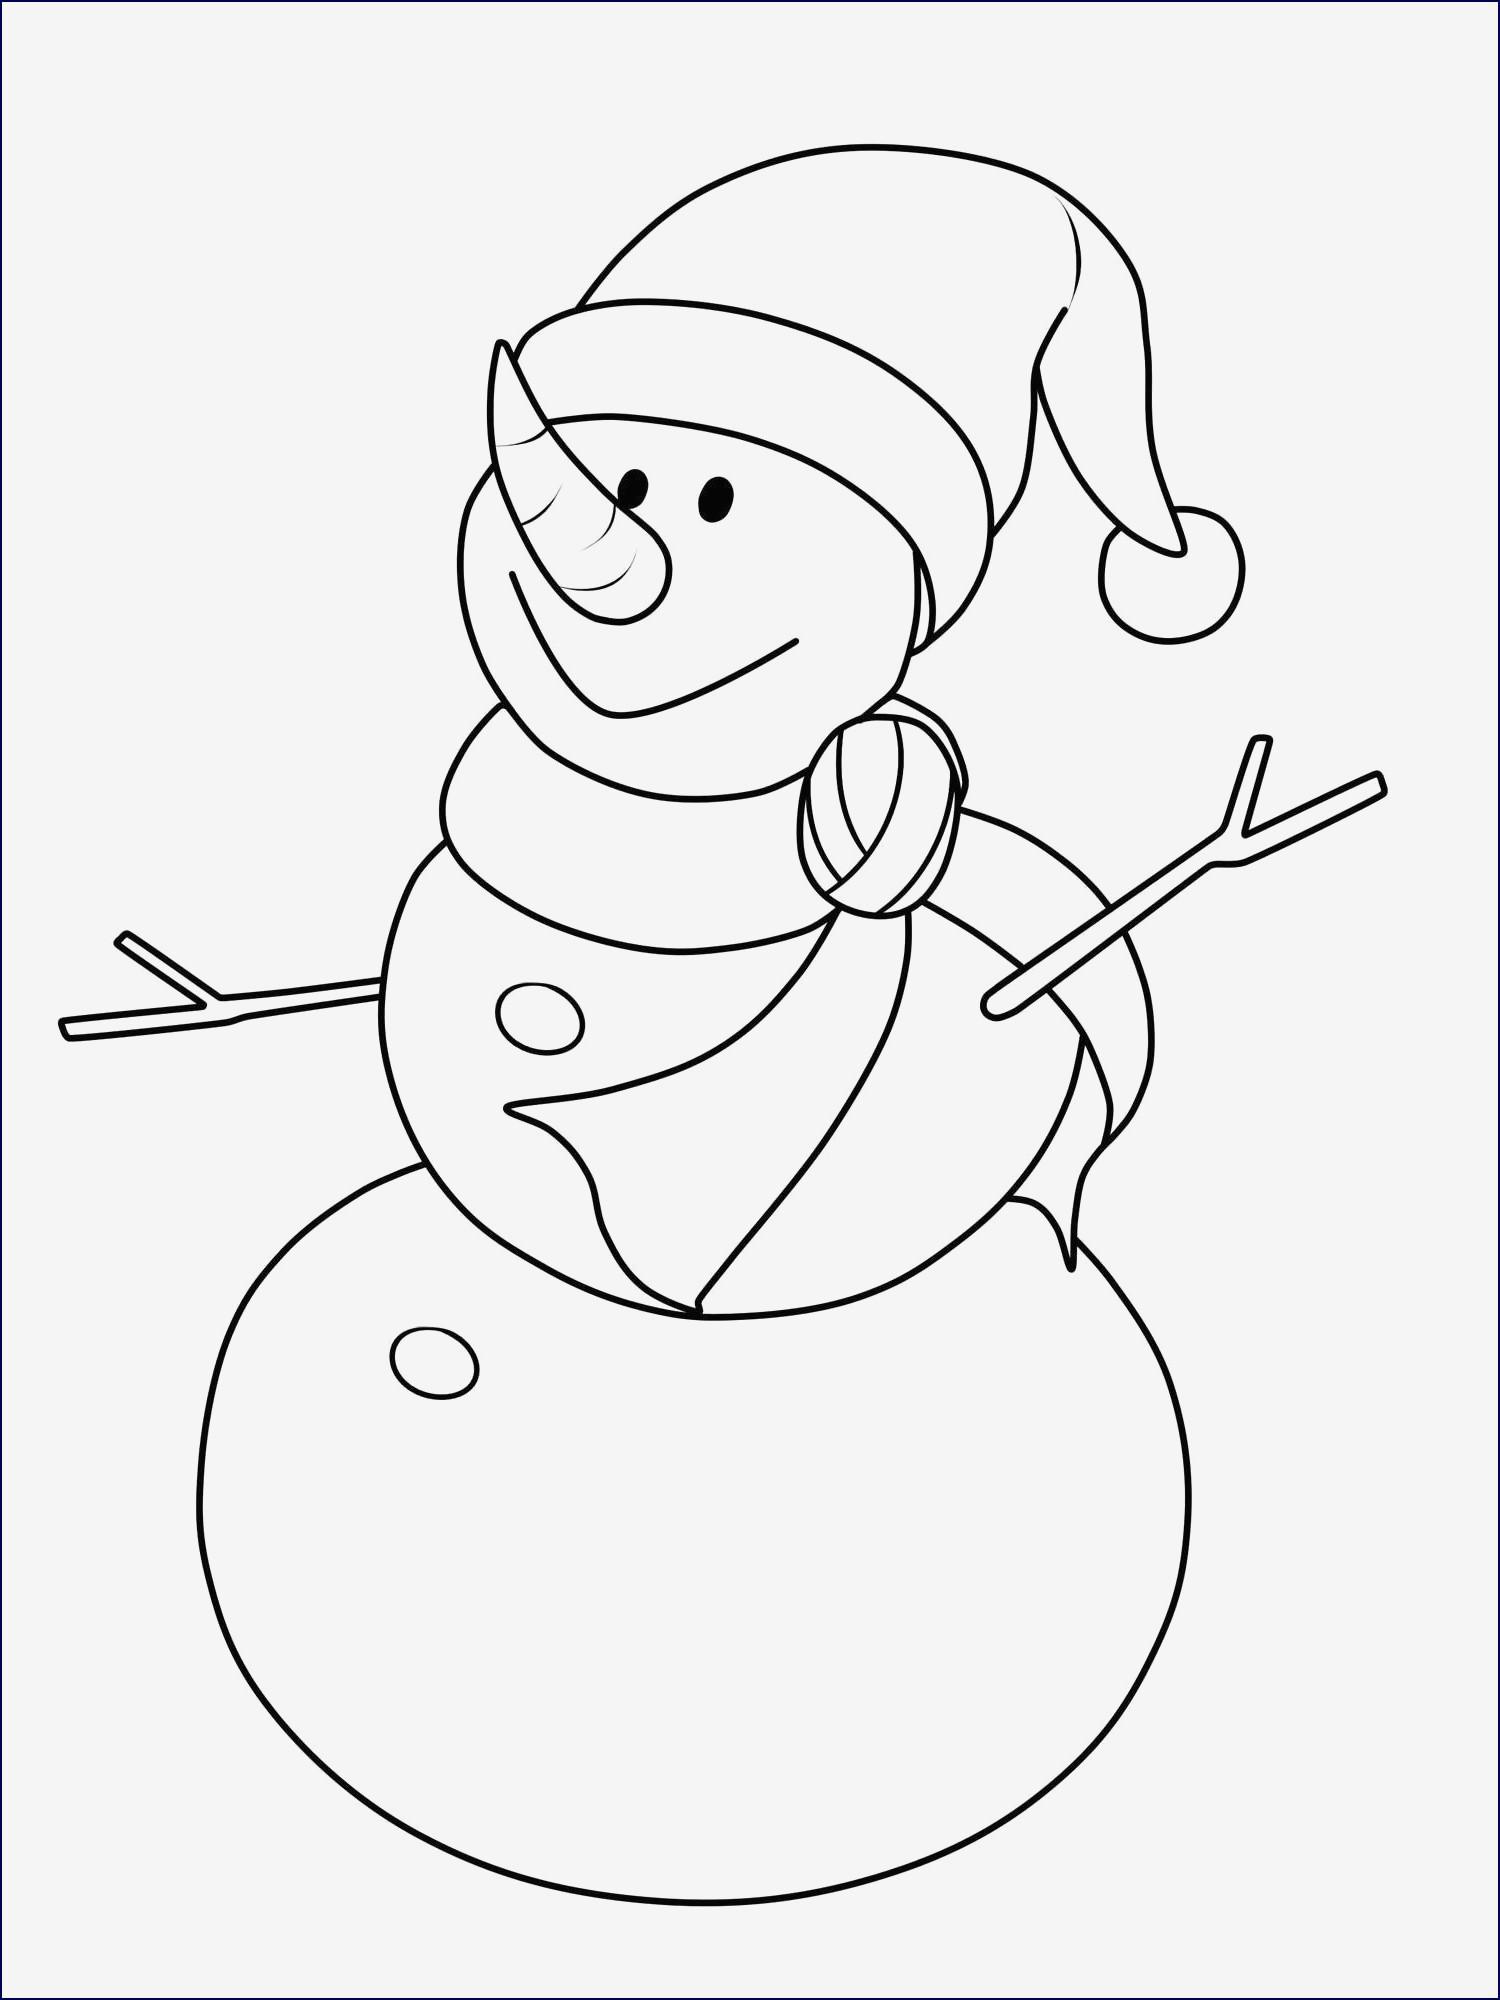 50 einzigartig ausmalbilder weihnachten nikolaus